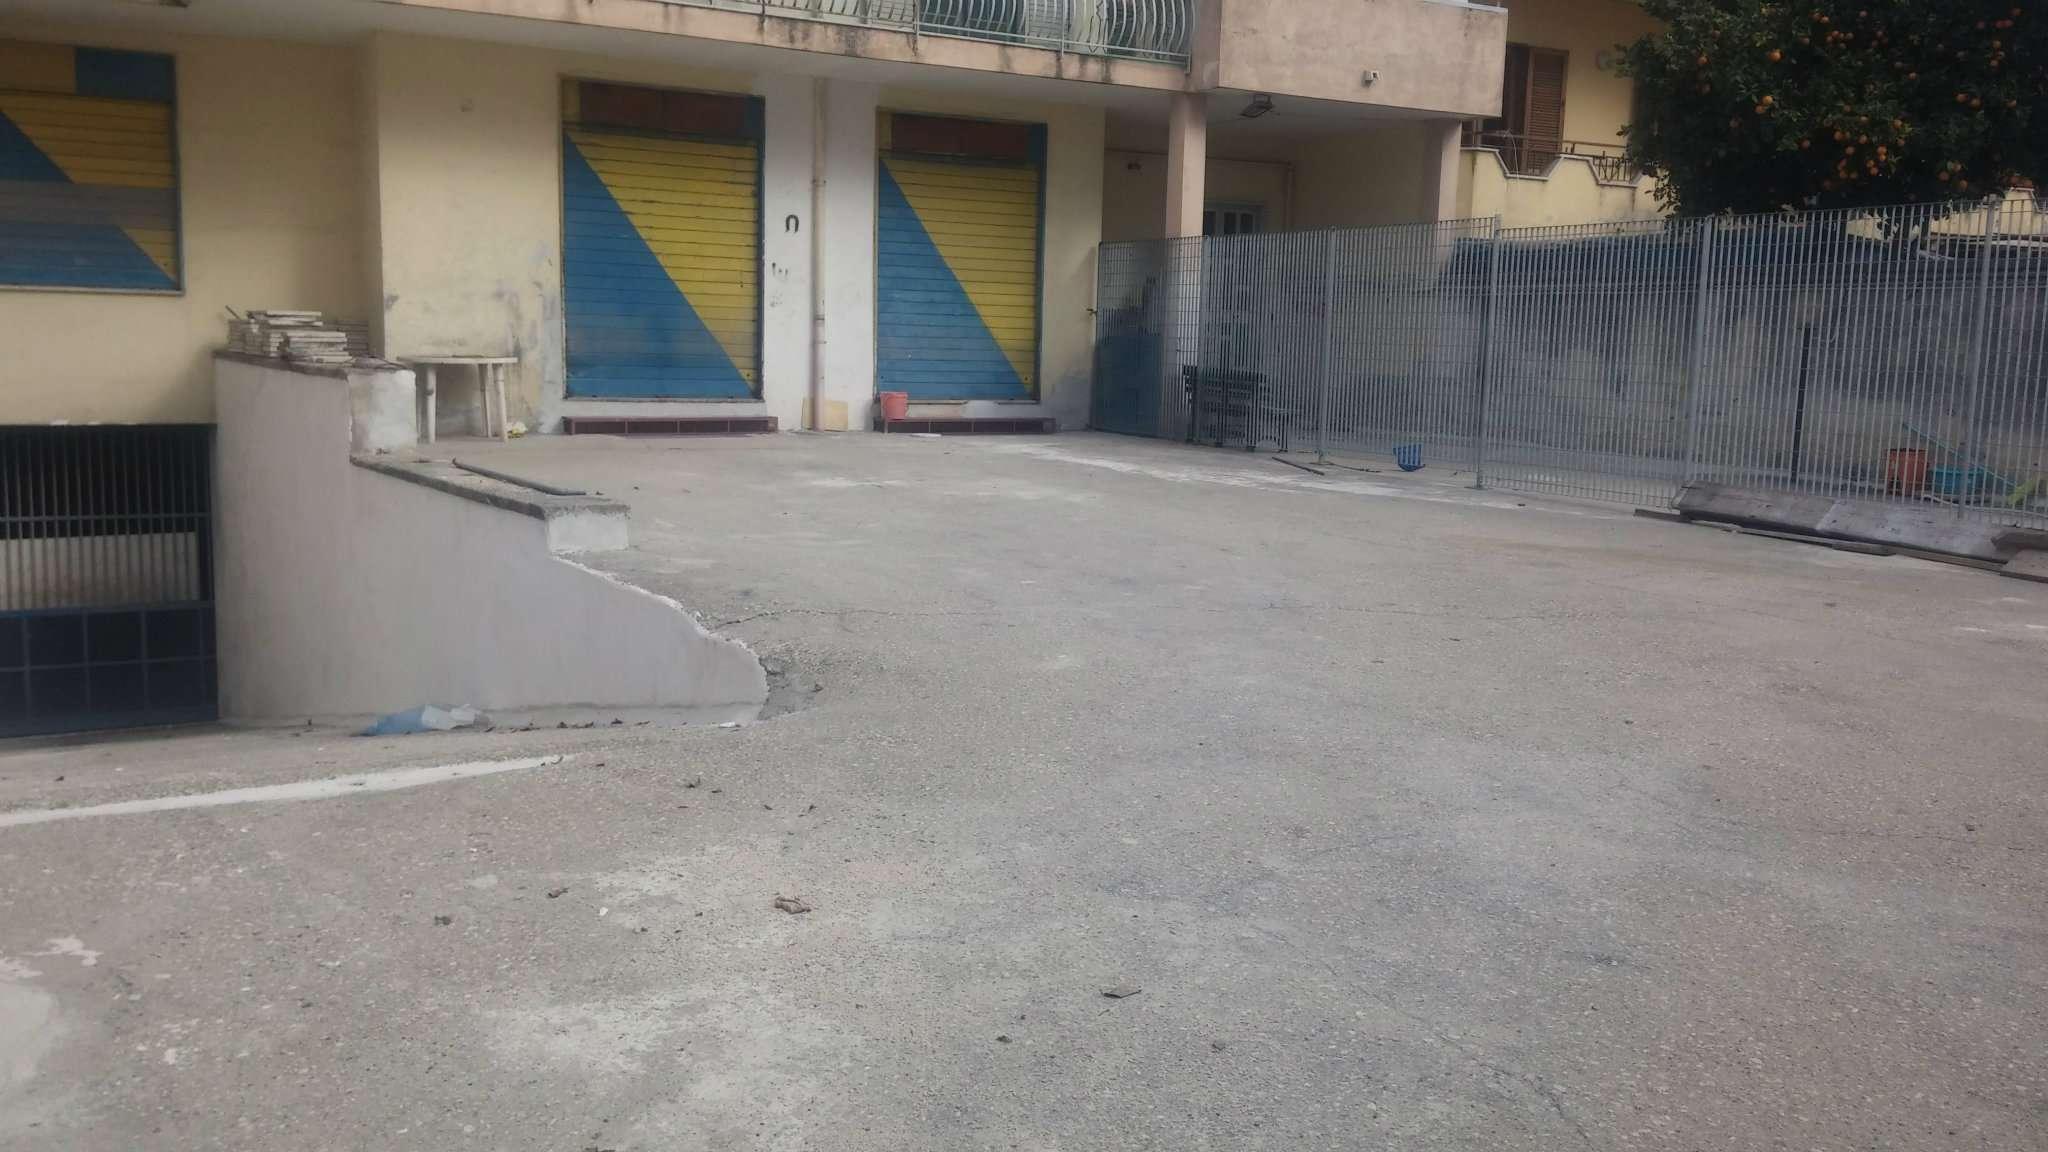 Negozio / Locale in affitto a Villaricca, 2 locali, prezzo € 1.200 | Cambio Casa.it